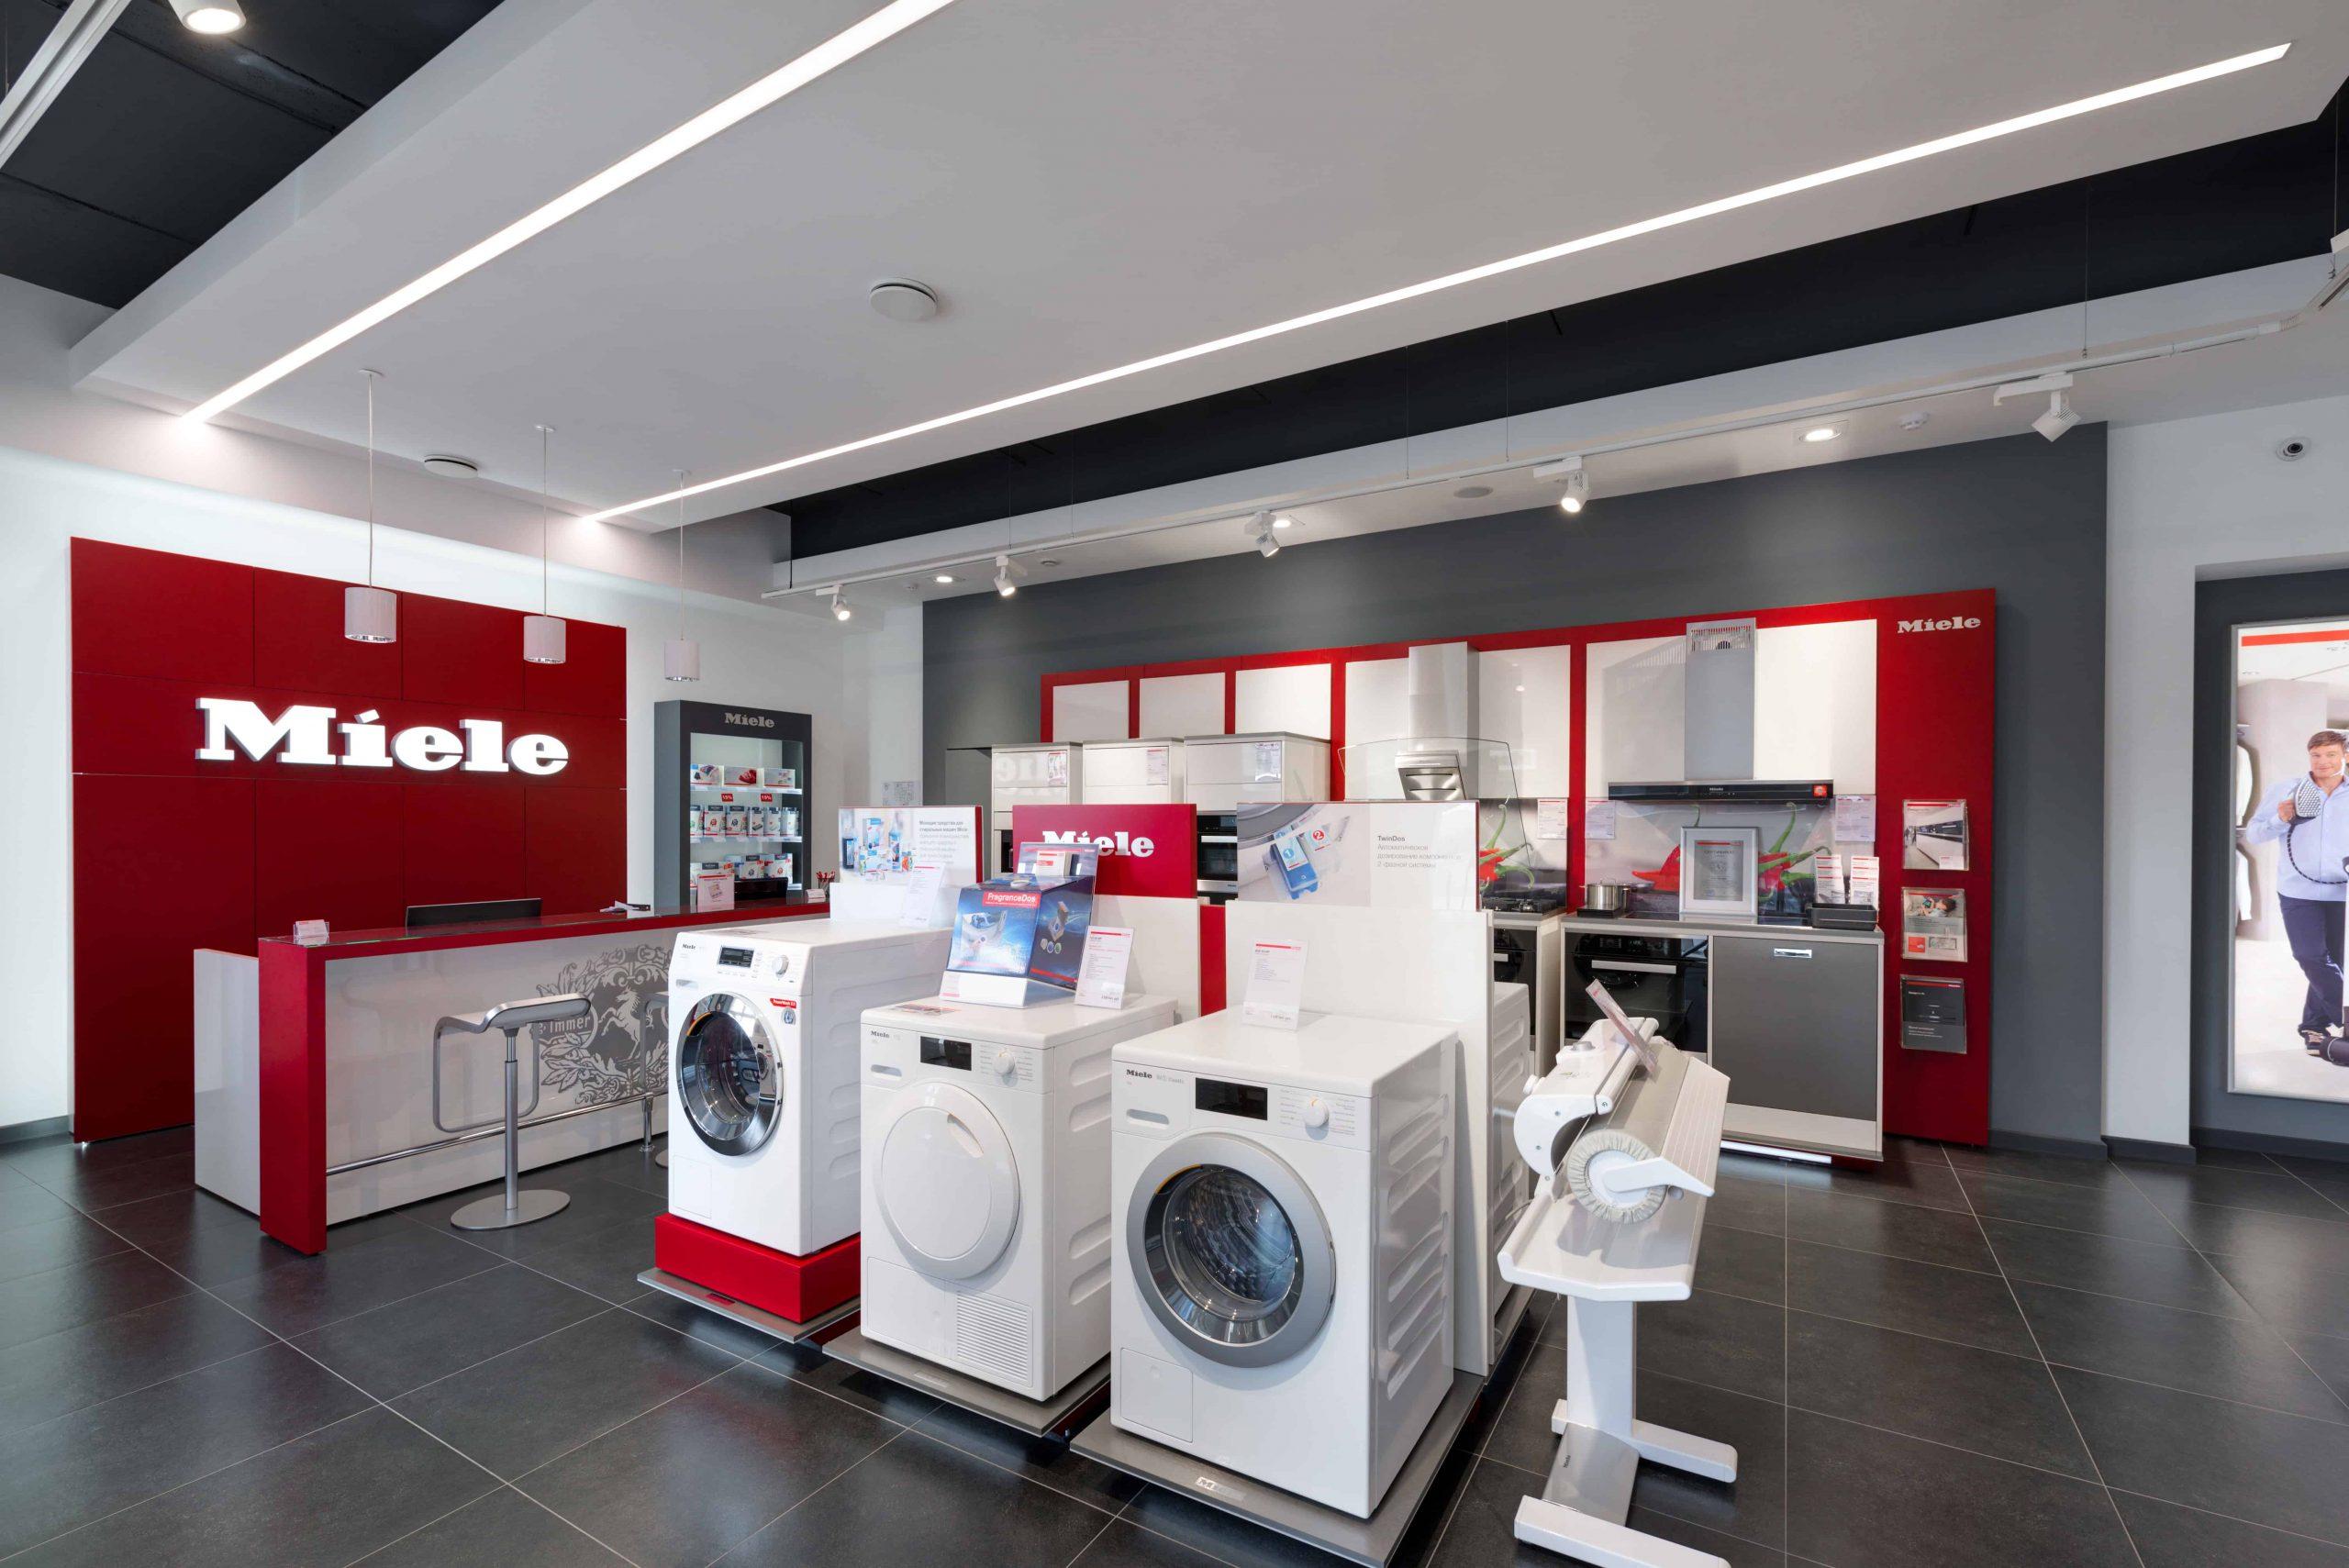 Miele Waschmaschine: Test & Empfehlungen (09/20)